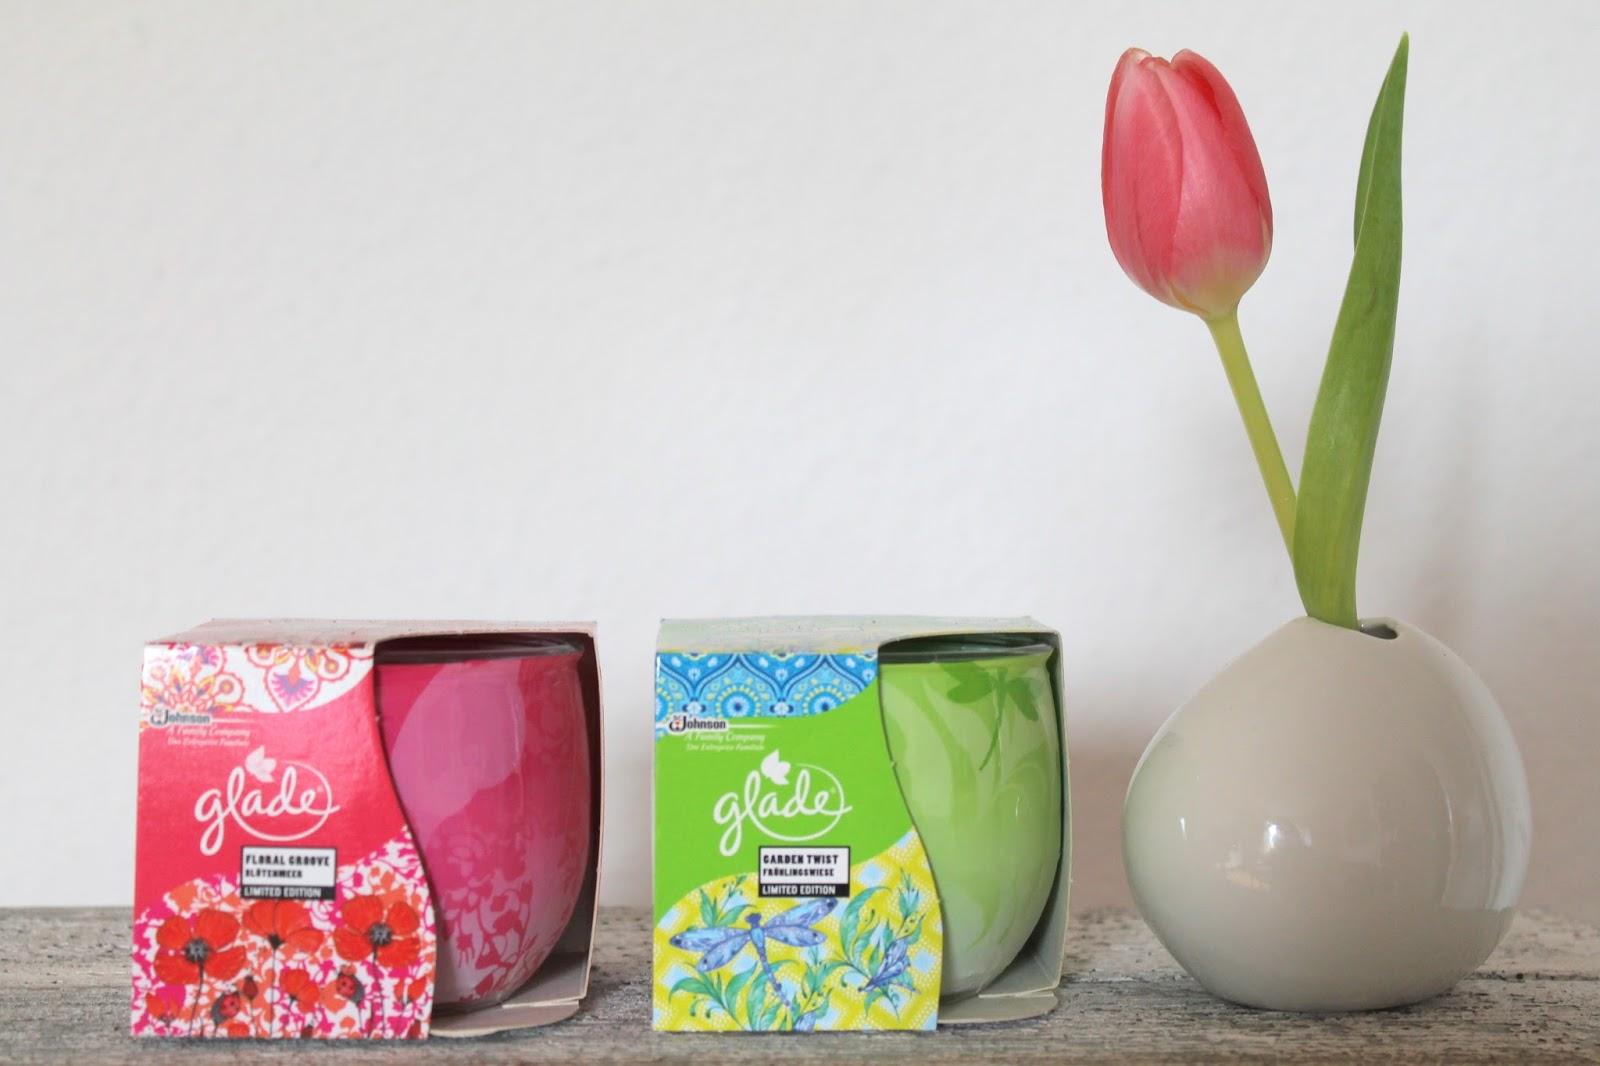 Glade Duftkerzen Fruehling Tulpe